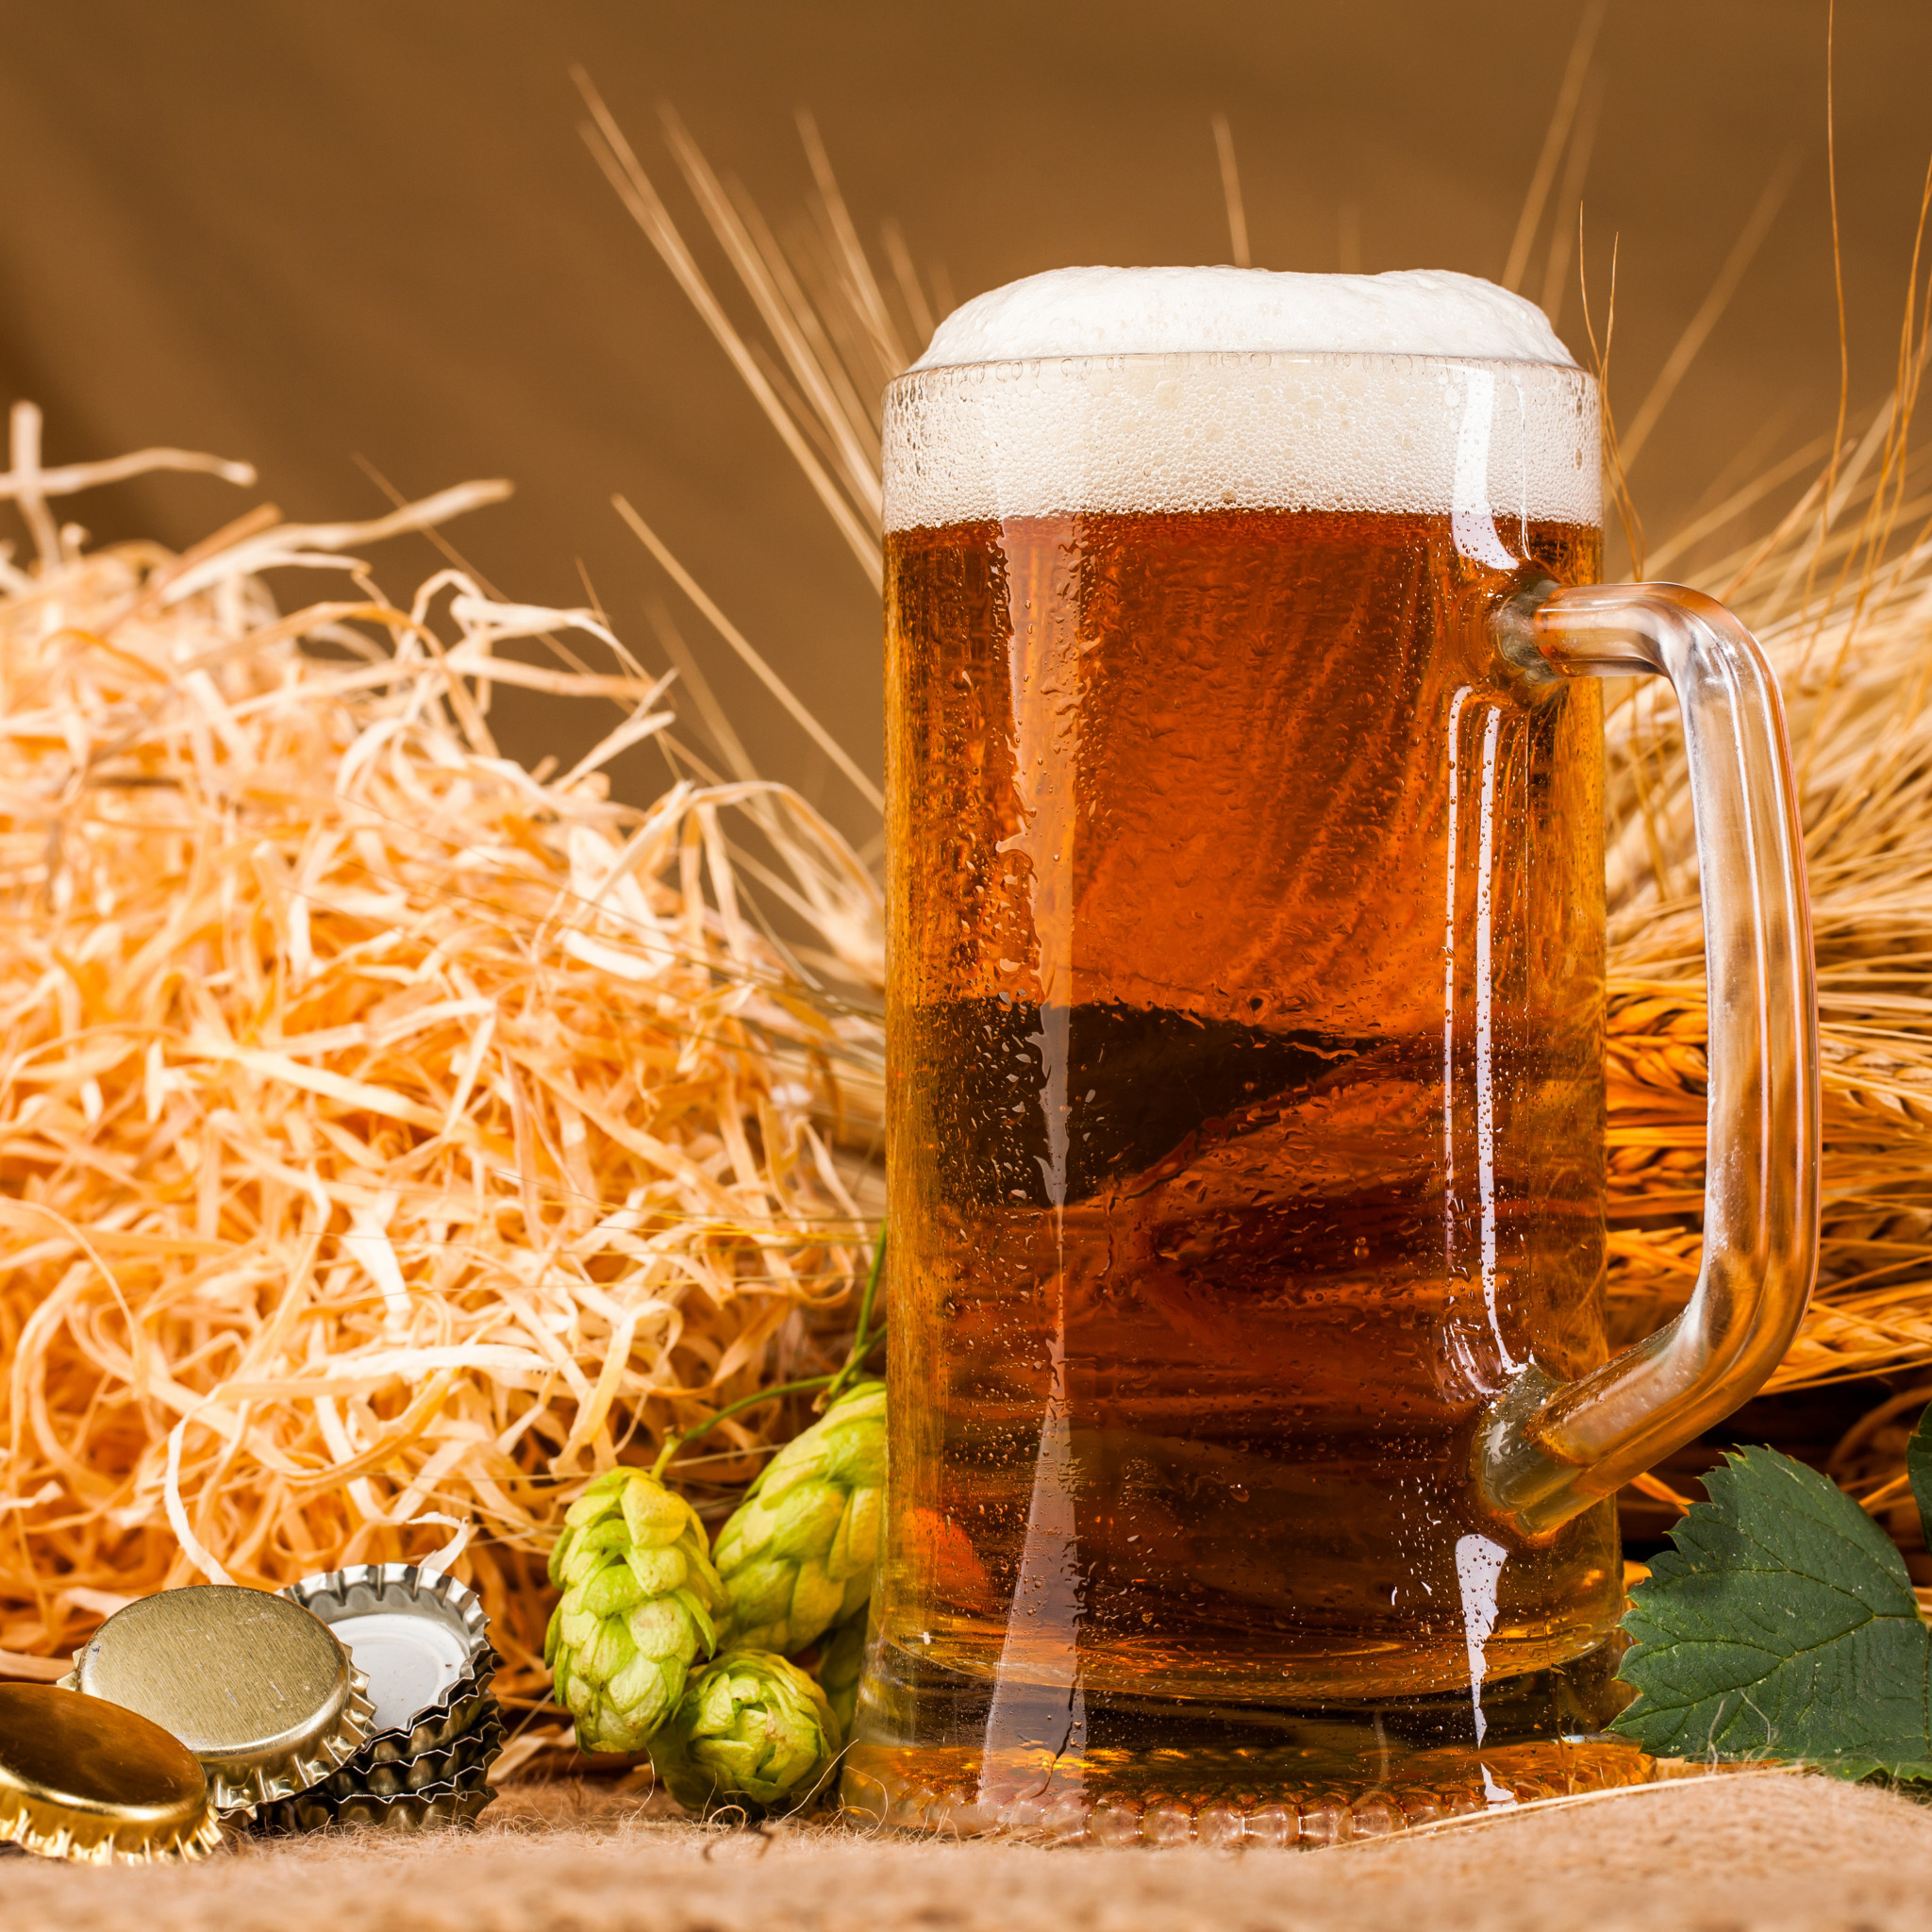 красиво оформленное пиво фото фототрансдукции